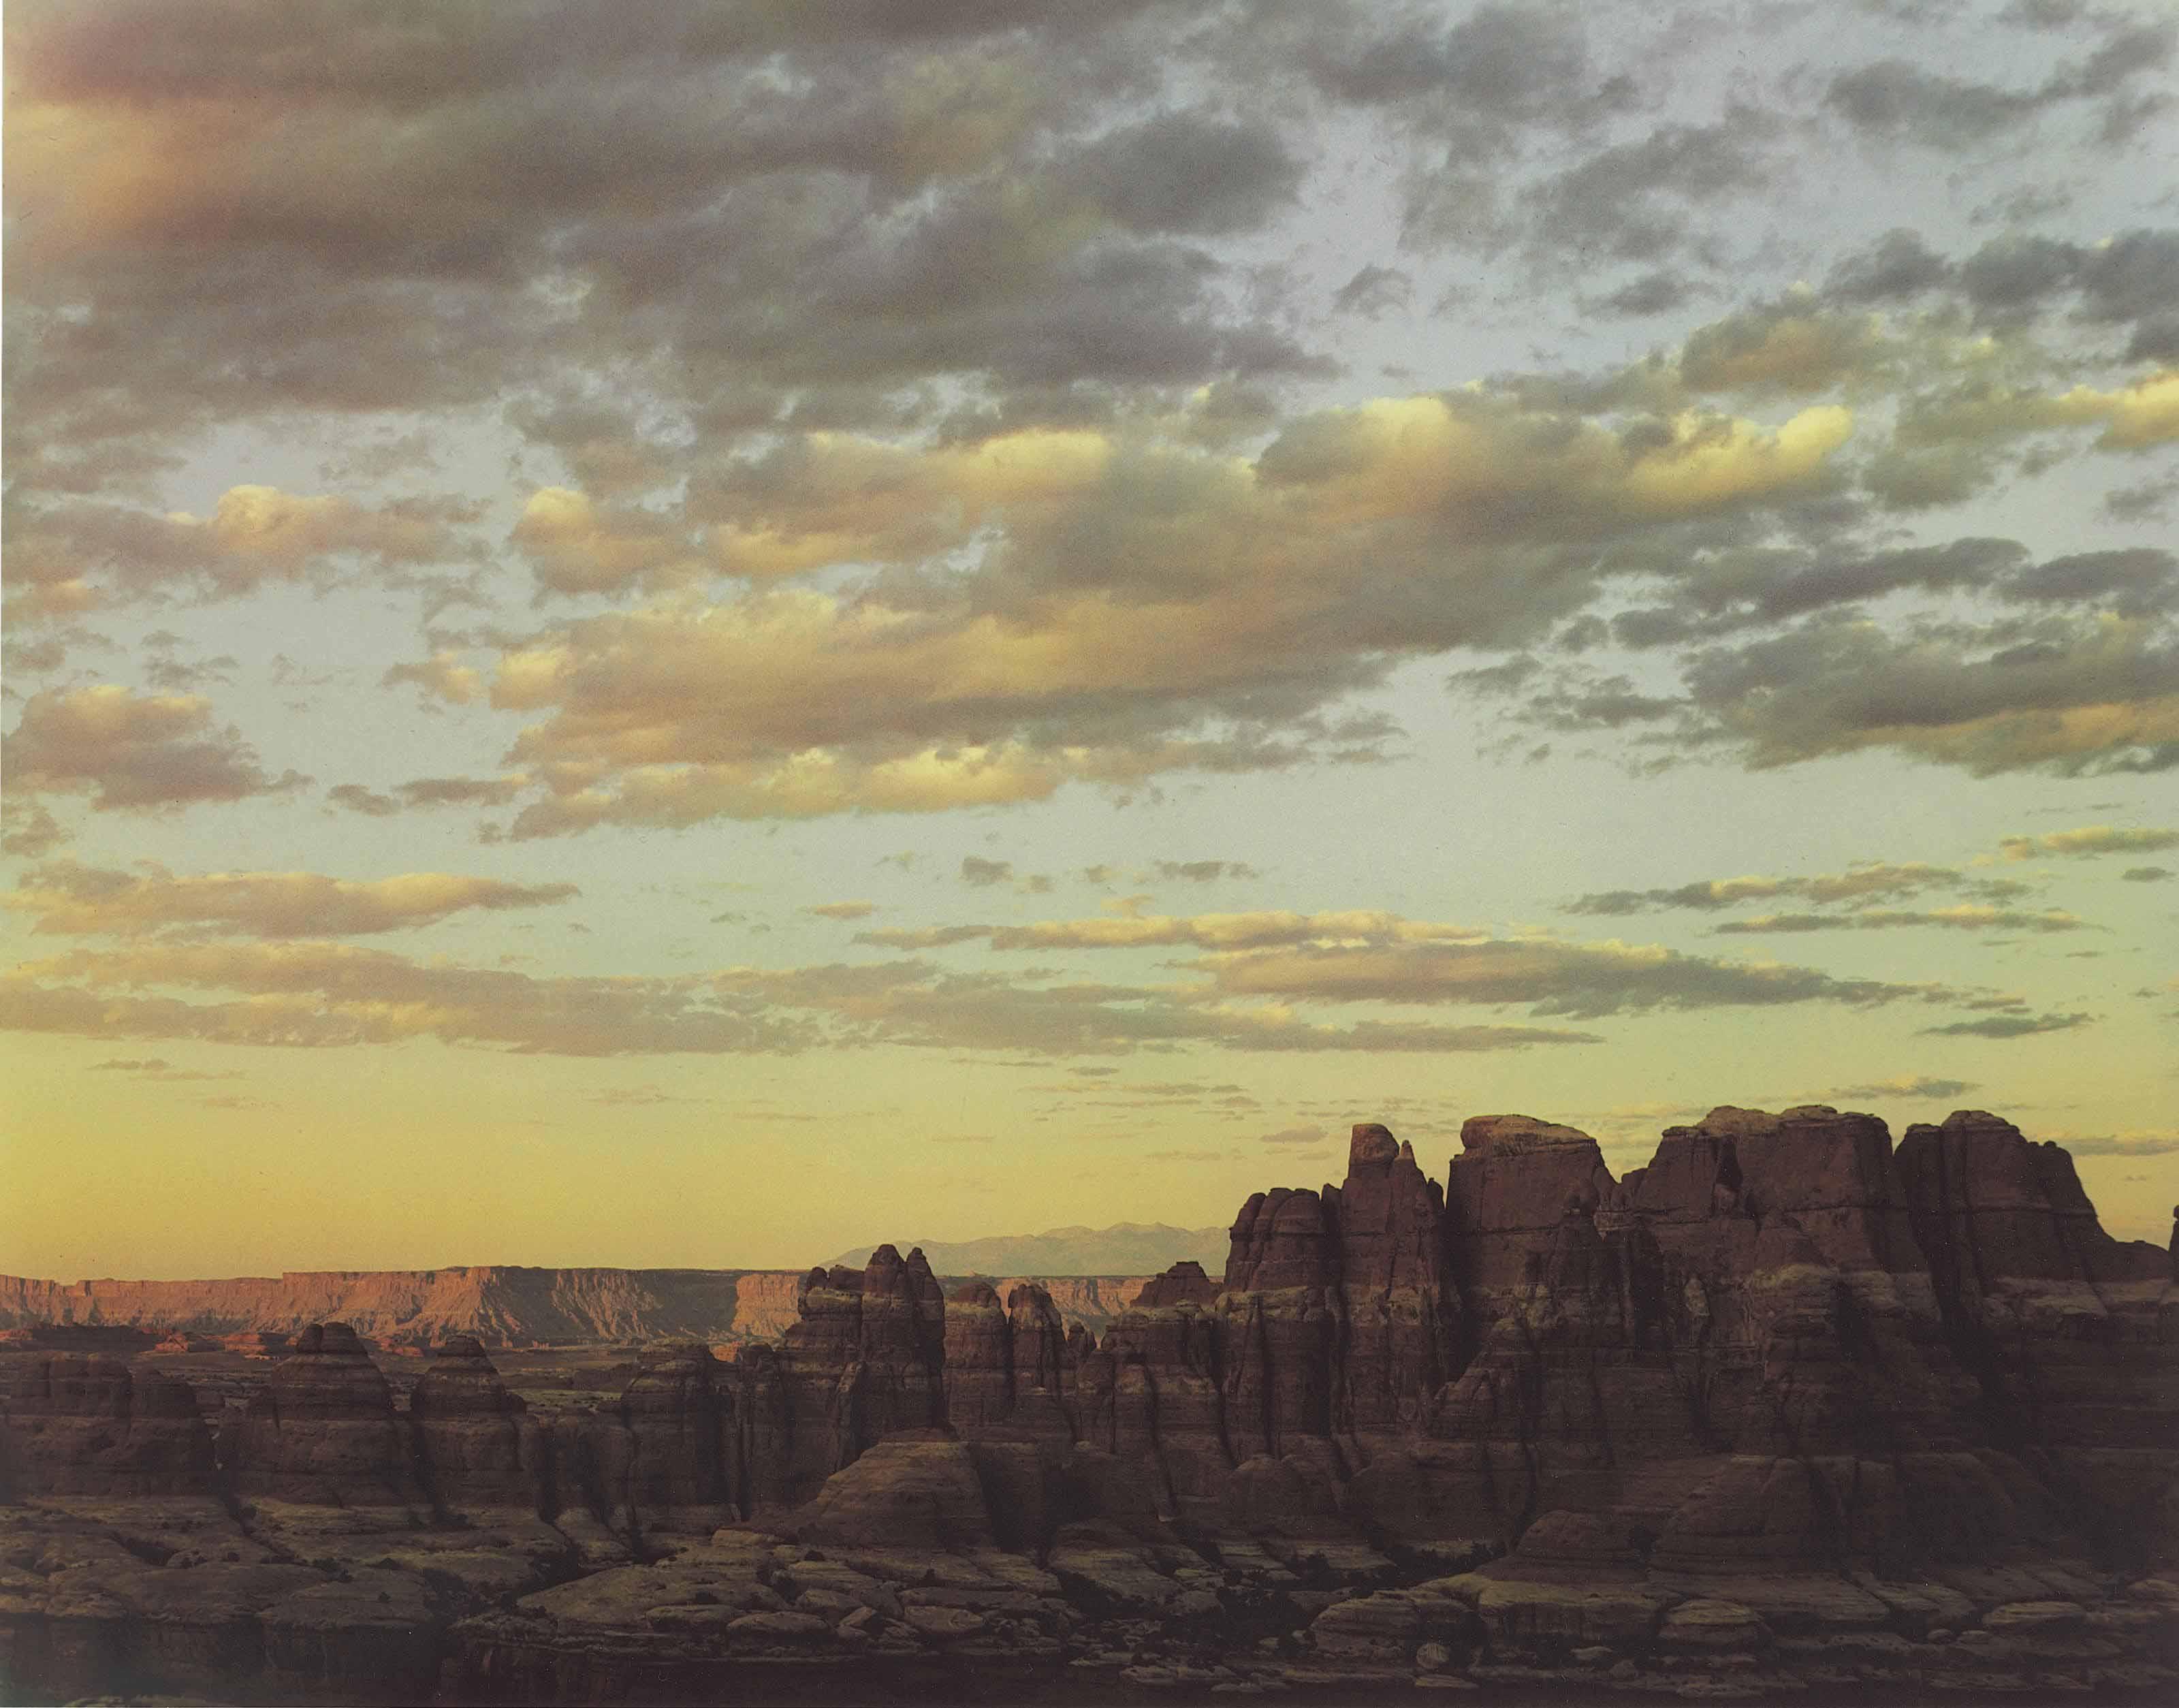 'Eliot Porter: Western Landscapes'